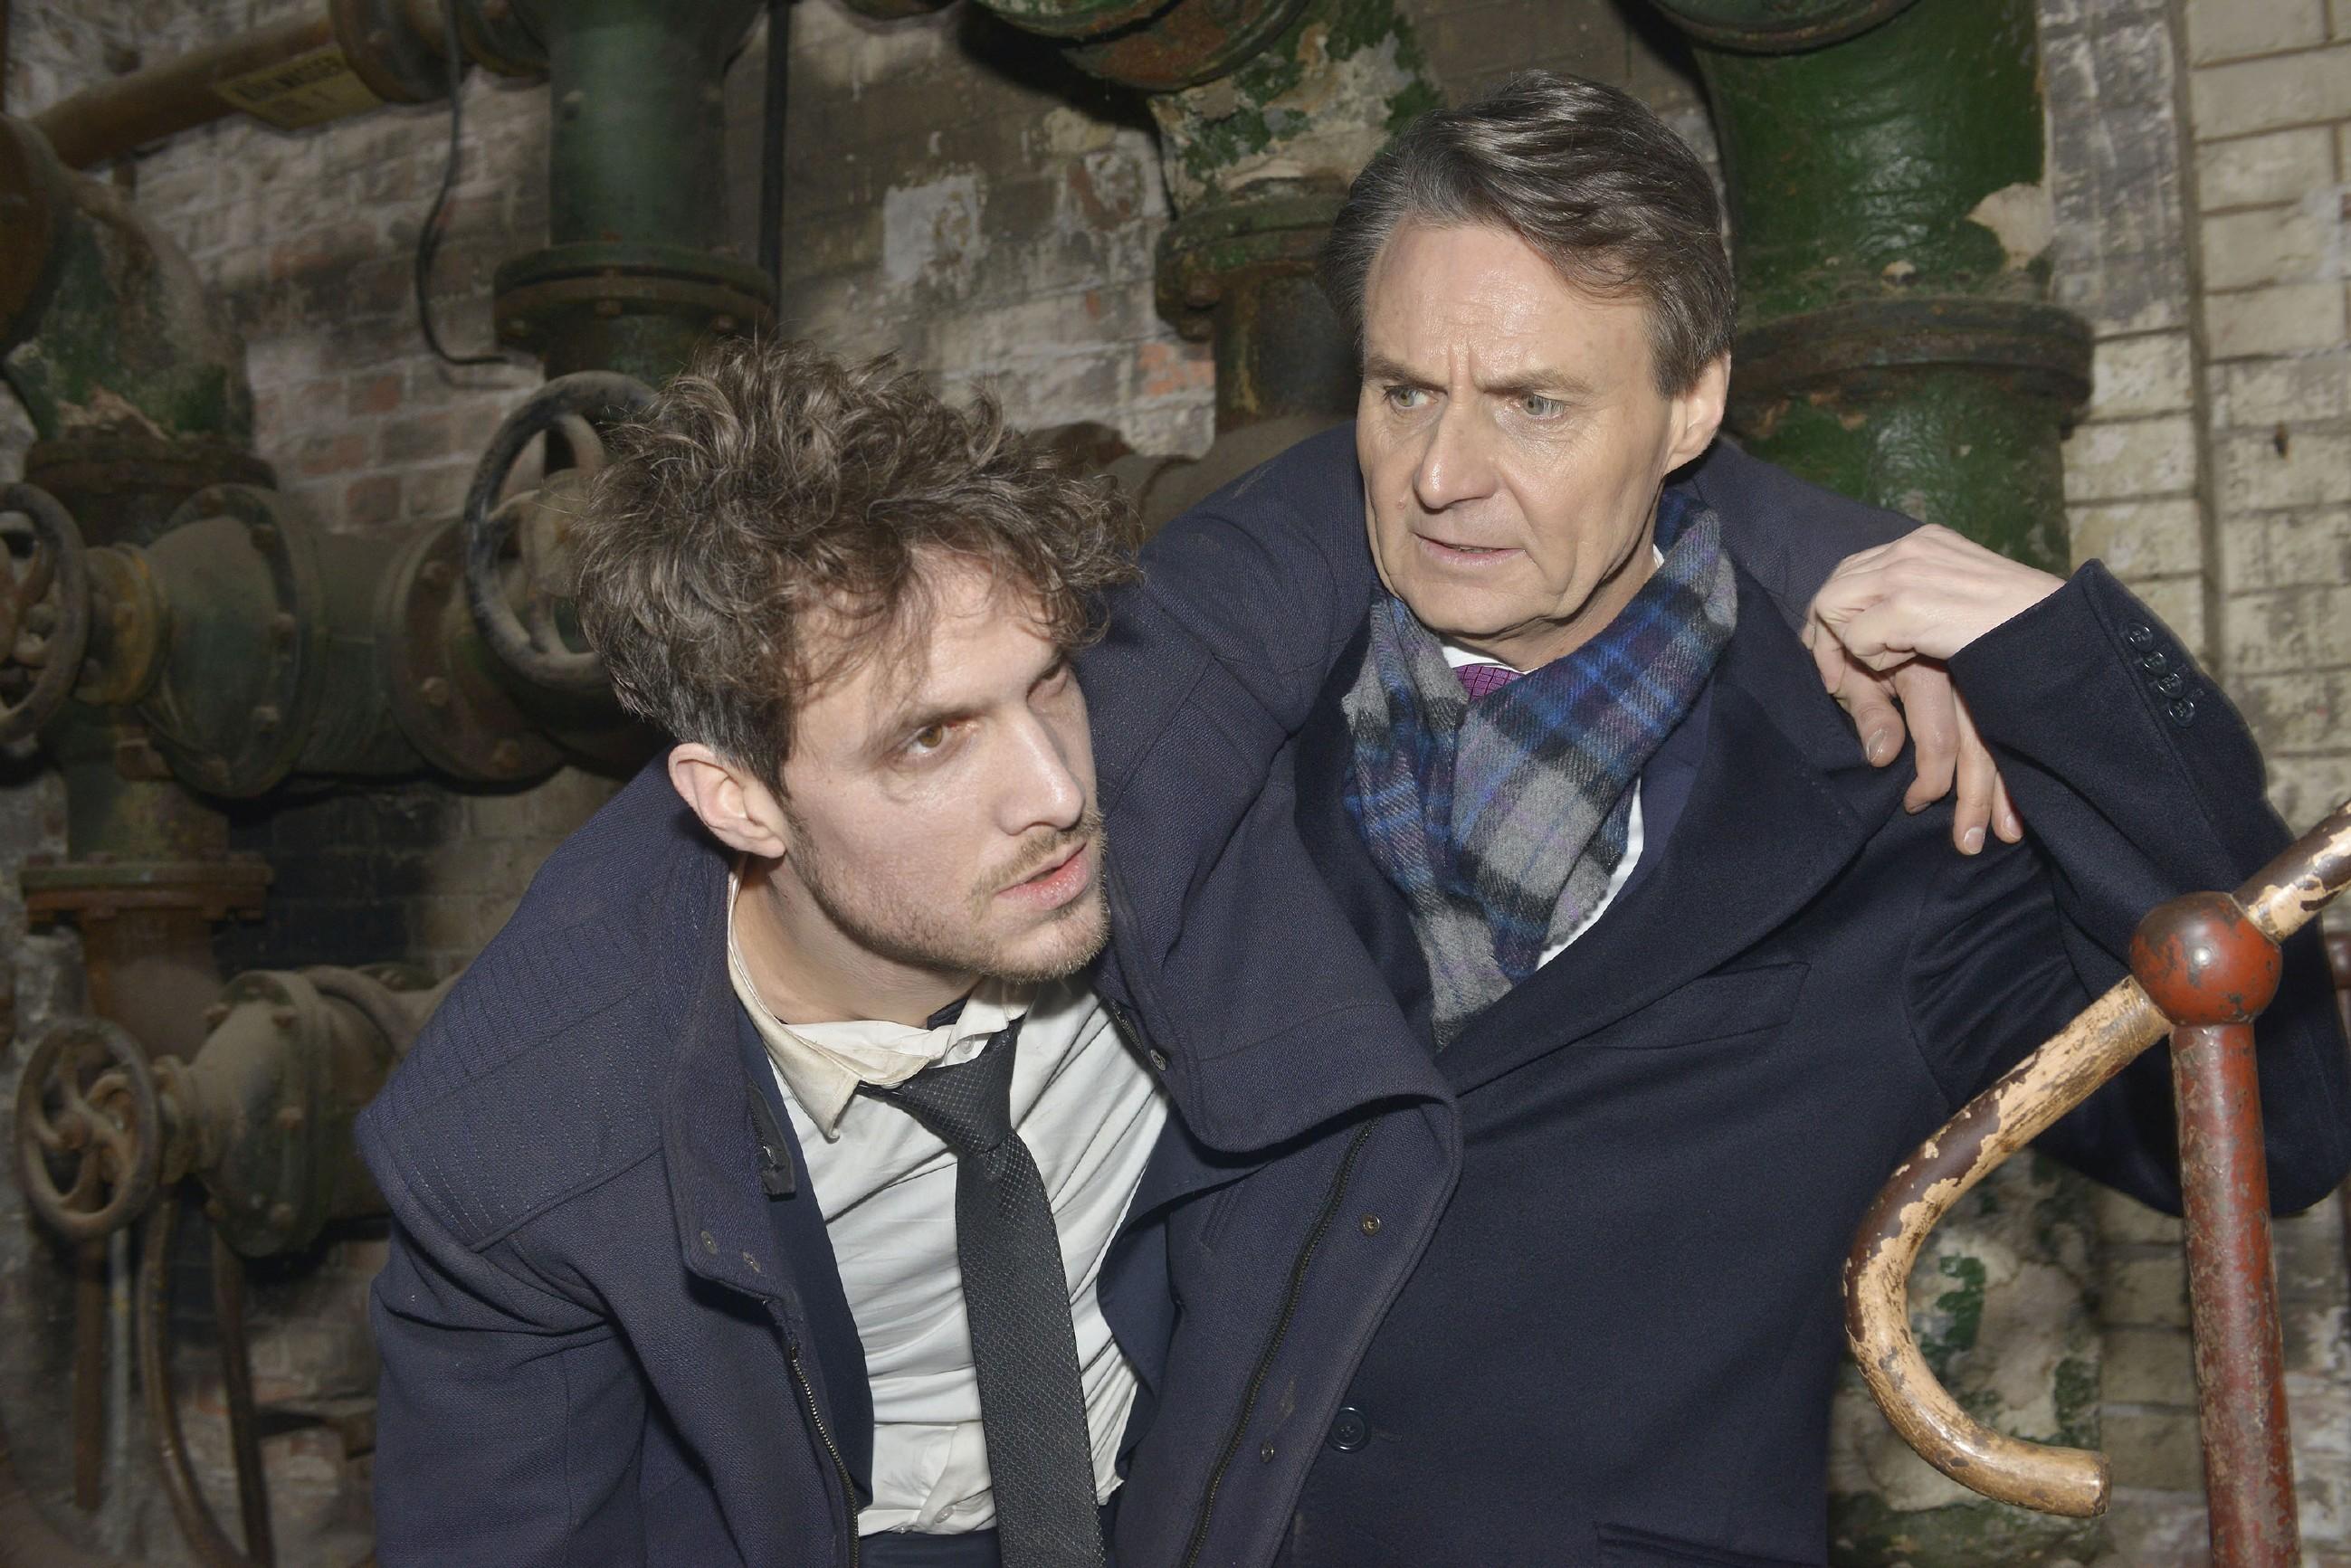 Jo Gerner (Wolfgang Bahro, r.) hat Felix (Thaddäus Meilinger) gefunden und befreit ihn aus seiner misslichen Lage. (Quelle: RTL / Rolf Baumgartner)